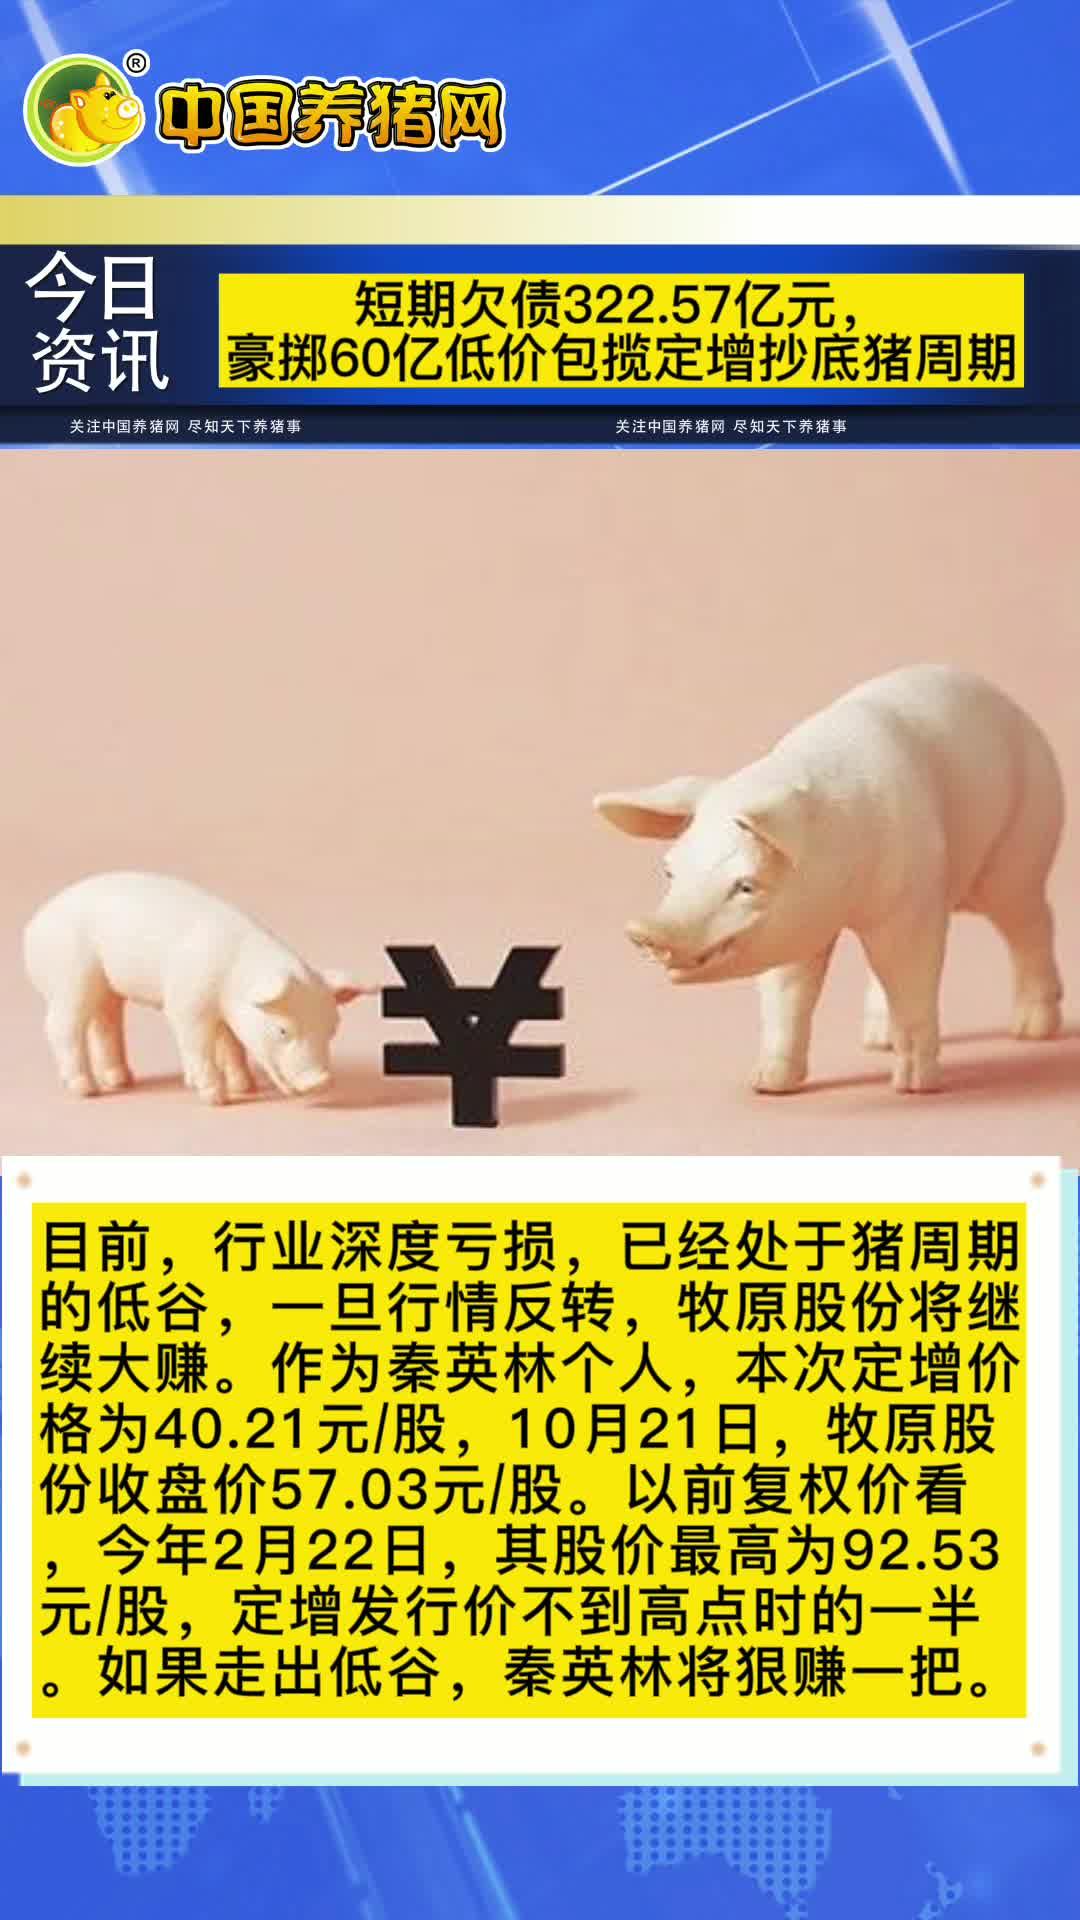 短期欠债322.57亿元,豪掷60亿低价包揽定增抄底猪周期